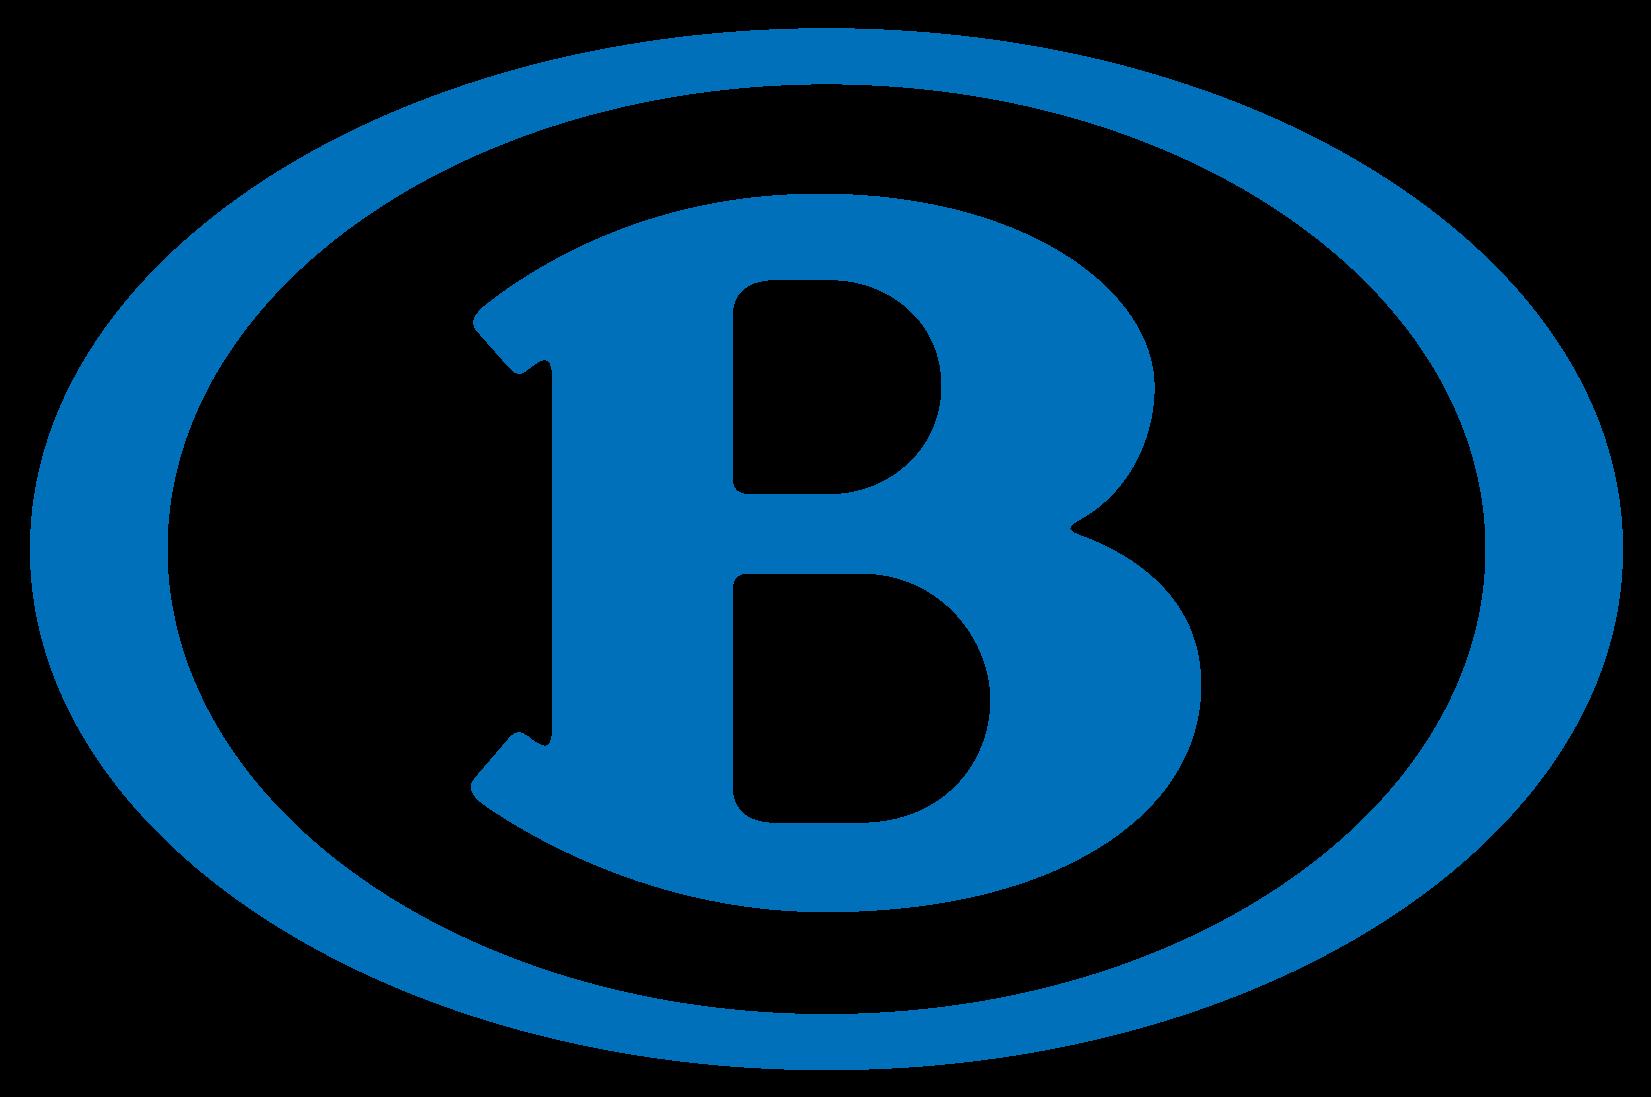 Logo B blauw - png